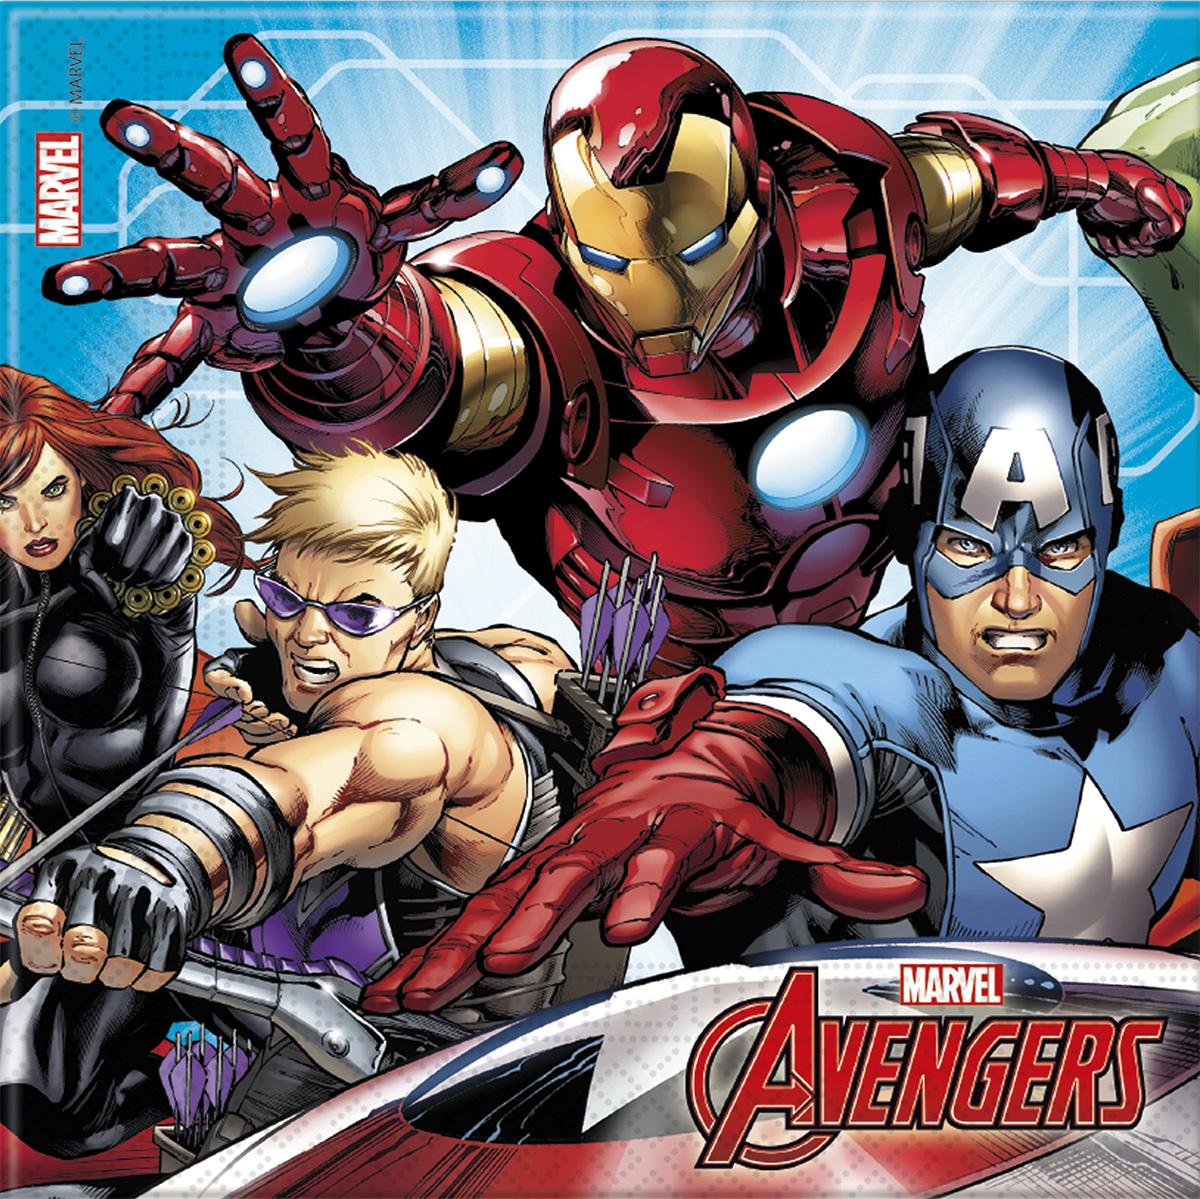 20 Serviettes Avengers